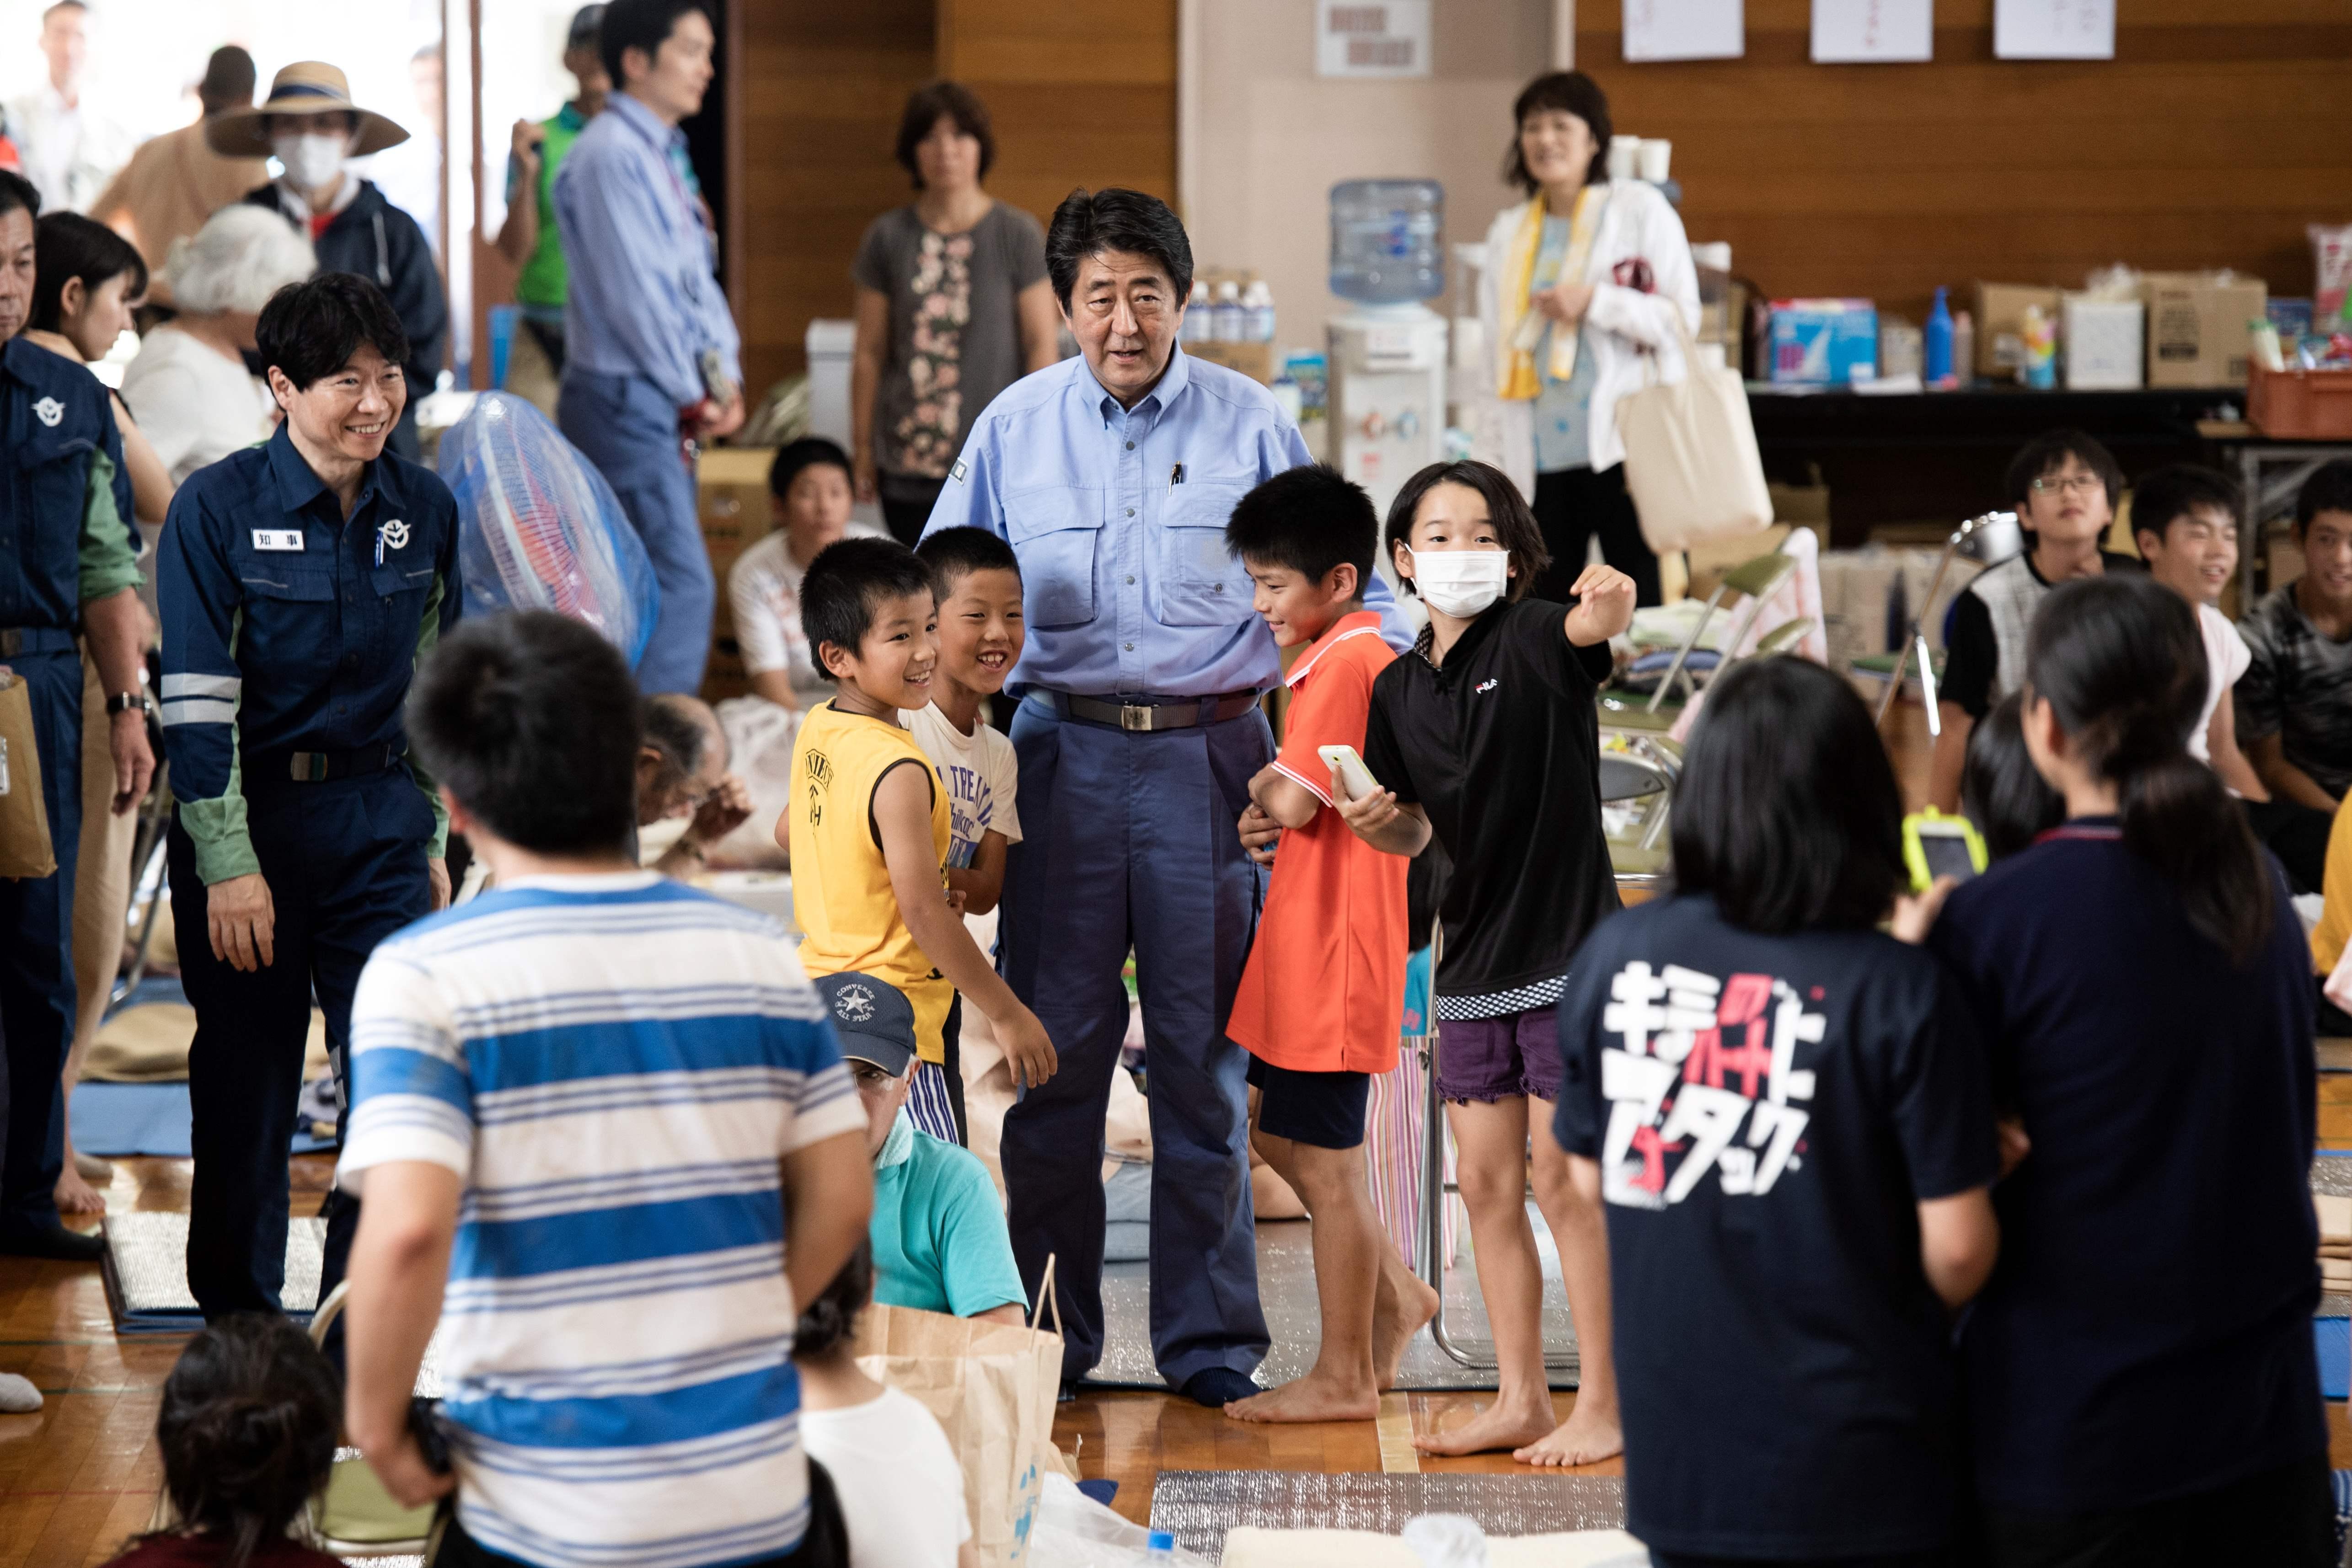 رئيس الوزراء اليابانى وسط المتضررين من الفيضانات